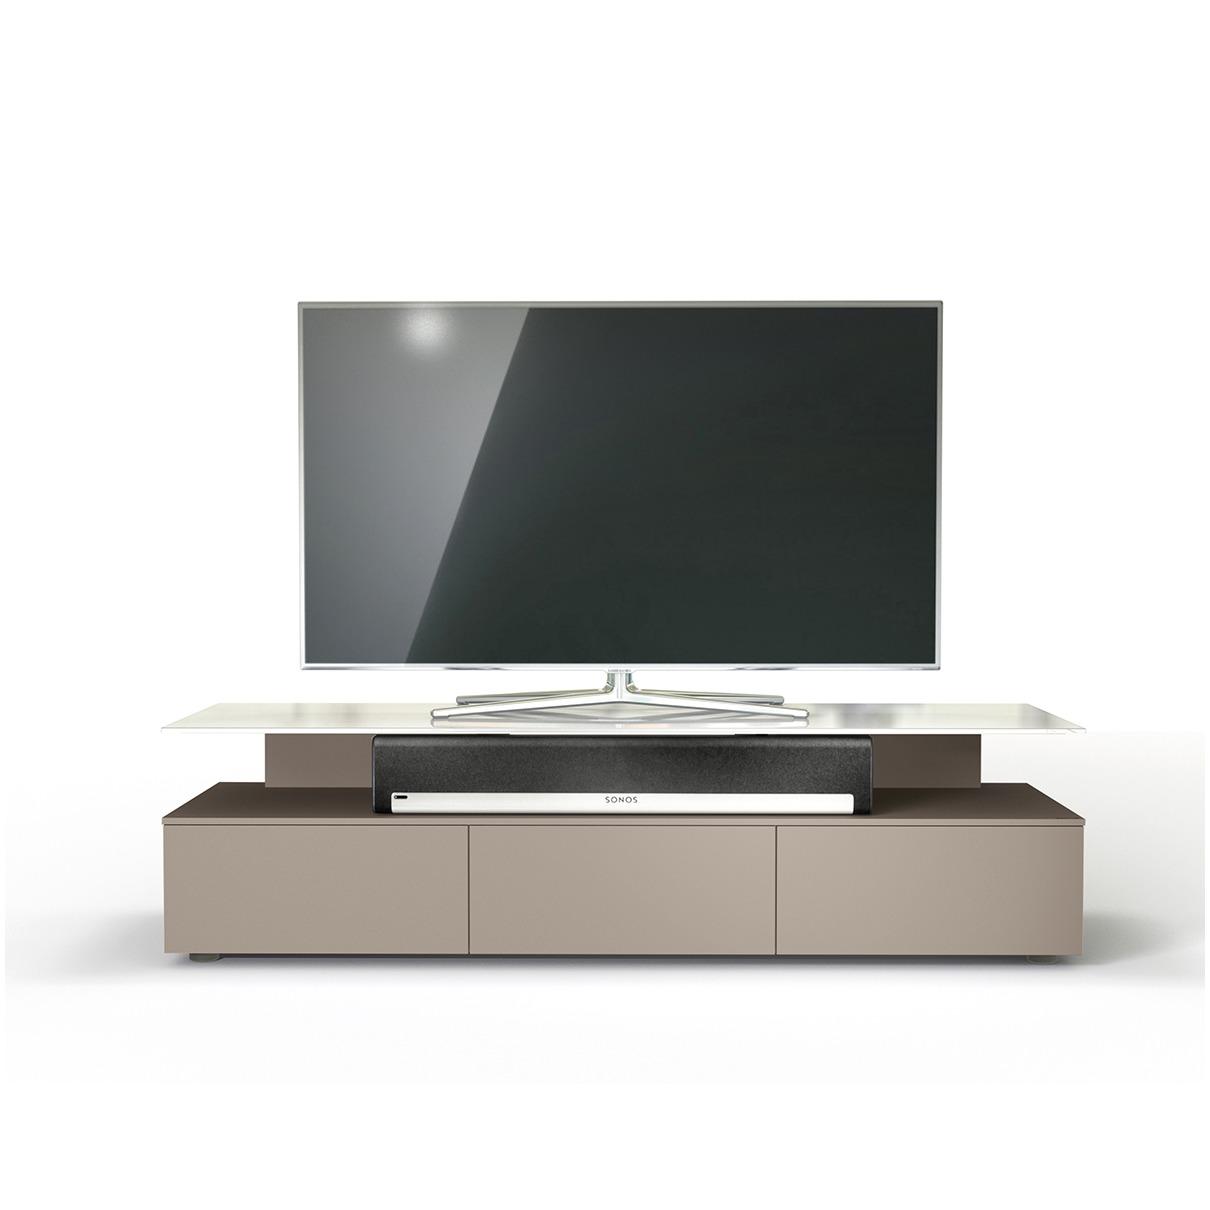 Afbeelding van Spectral tv meubel JRM1650-CU